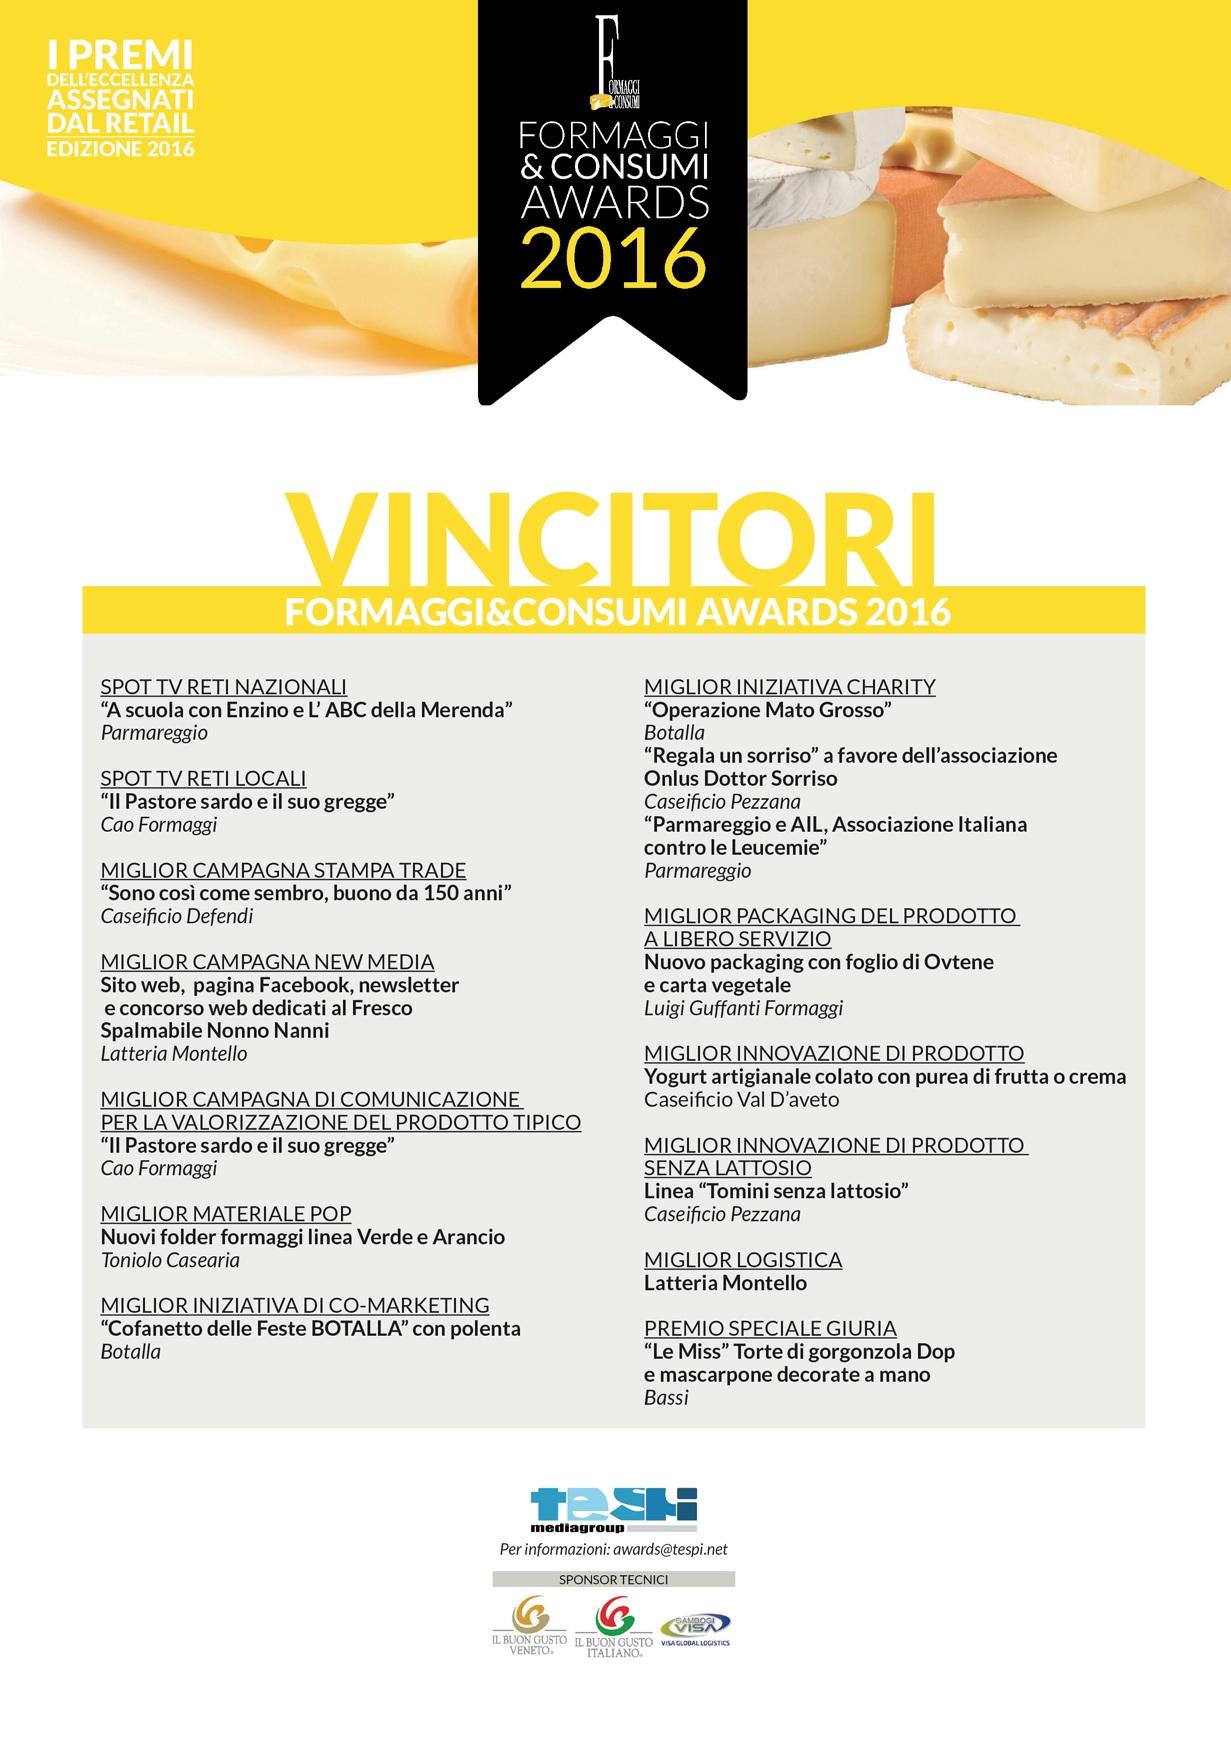 formaggi-consumi-award-2016-lista-premi